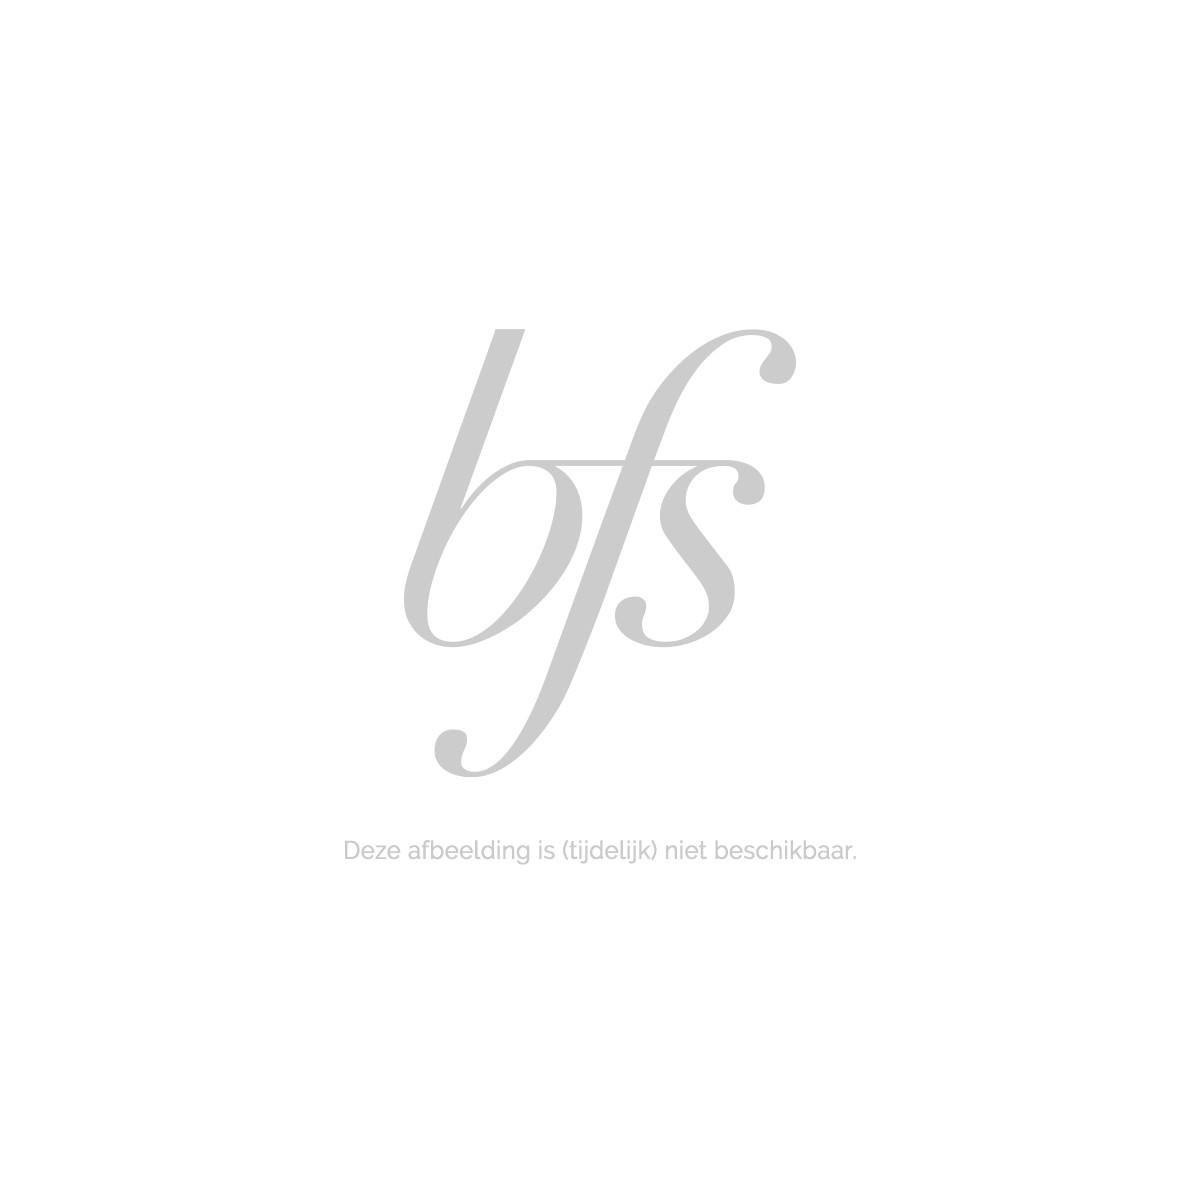 Marc Jacobs Divine Decadence Eau De Parfum 100 ml